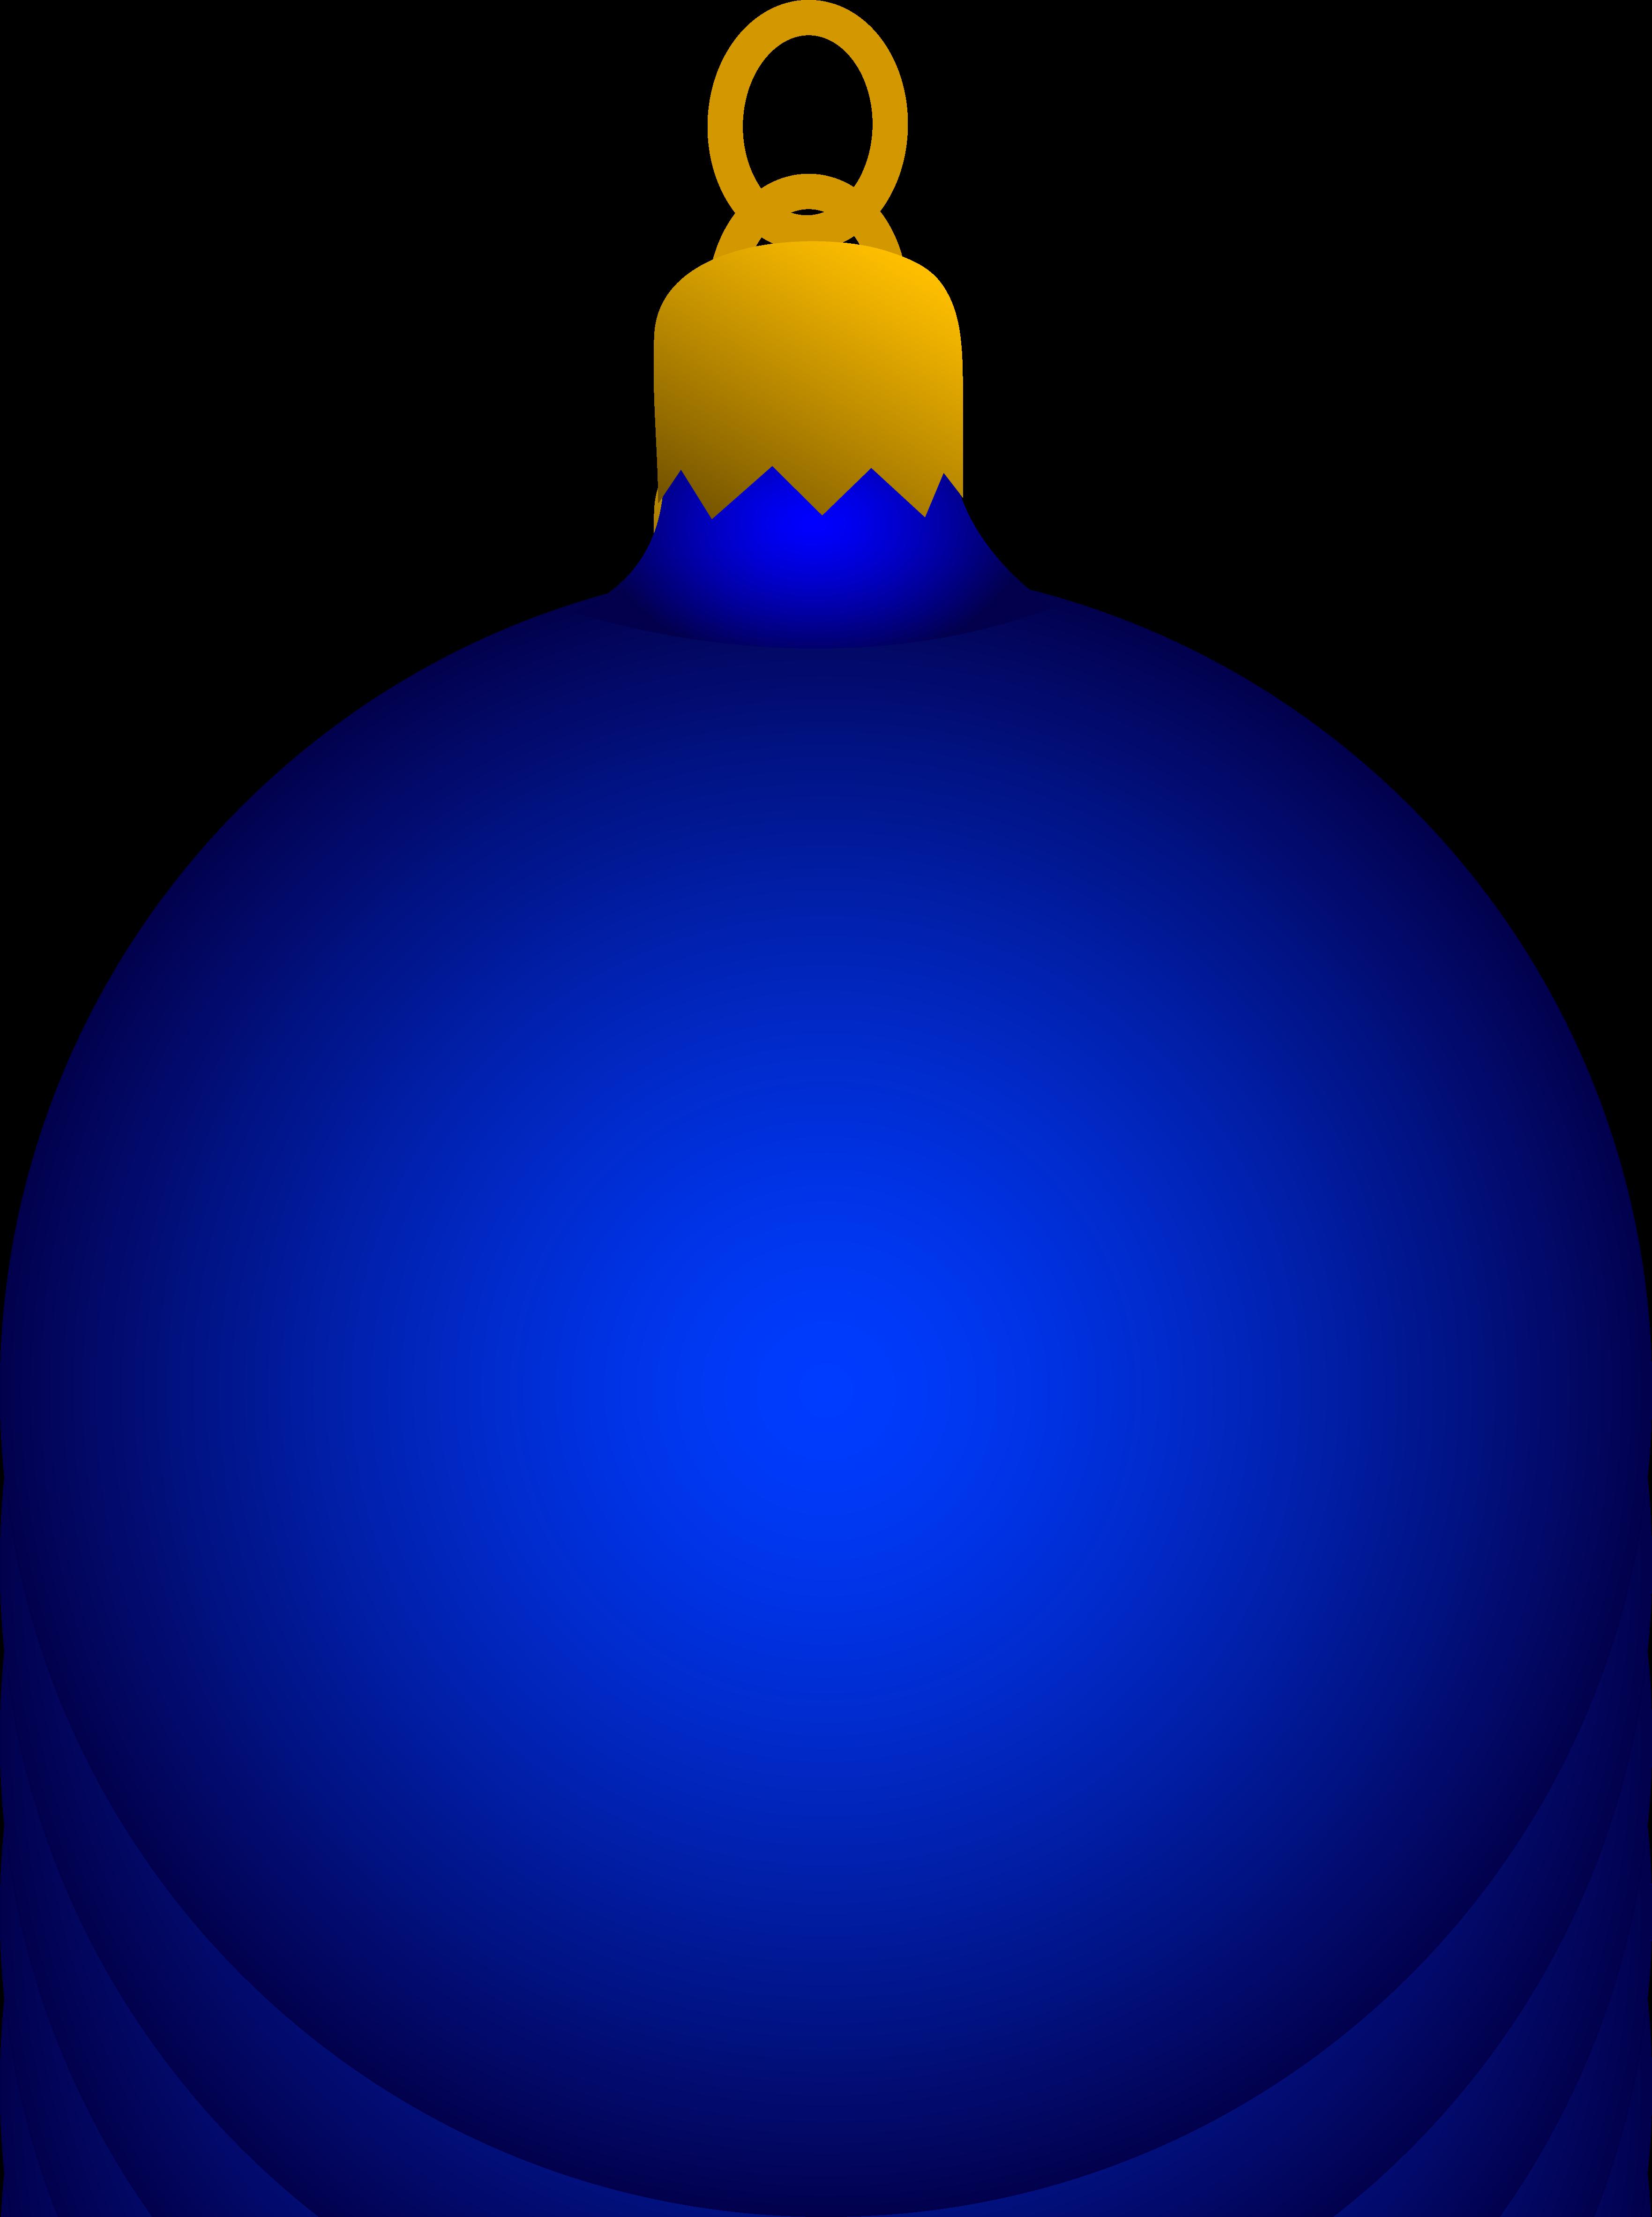 blue image background